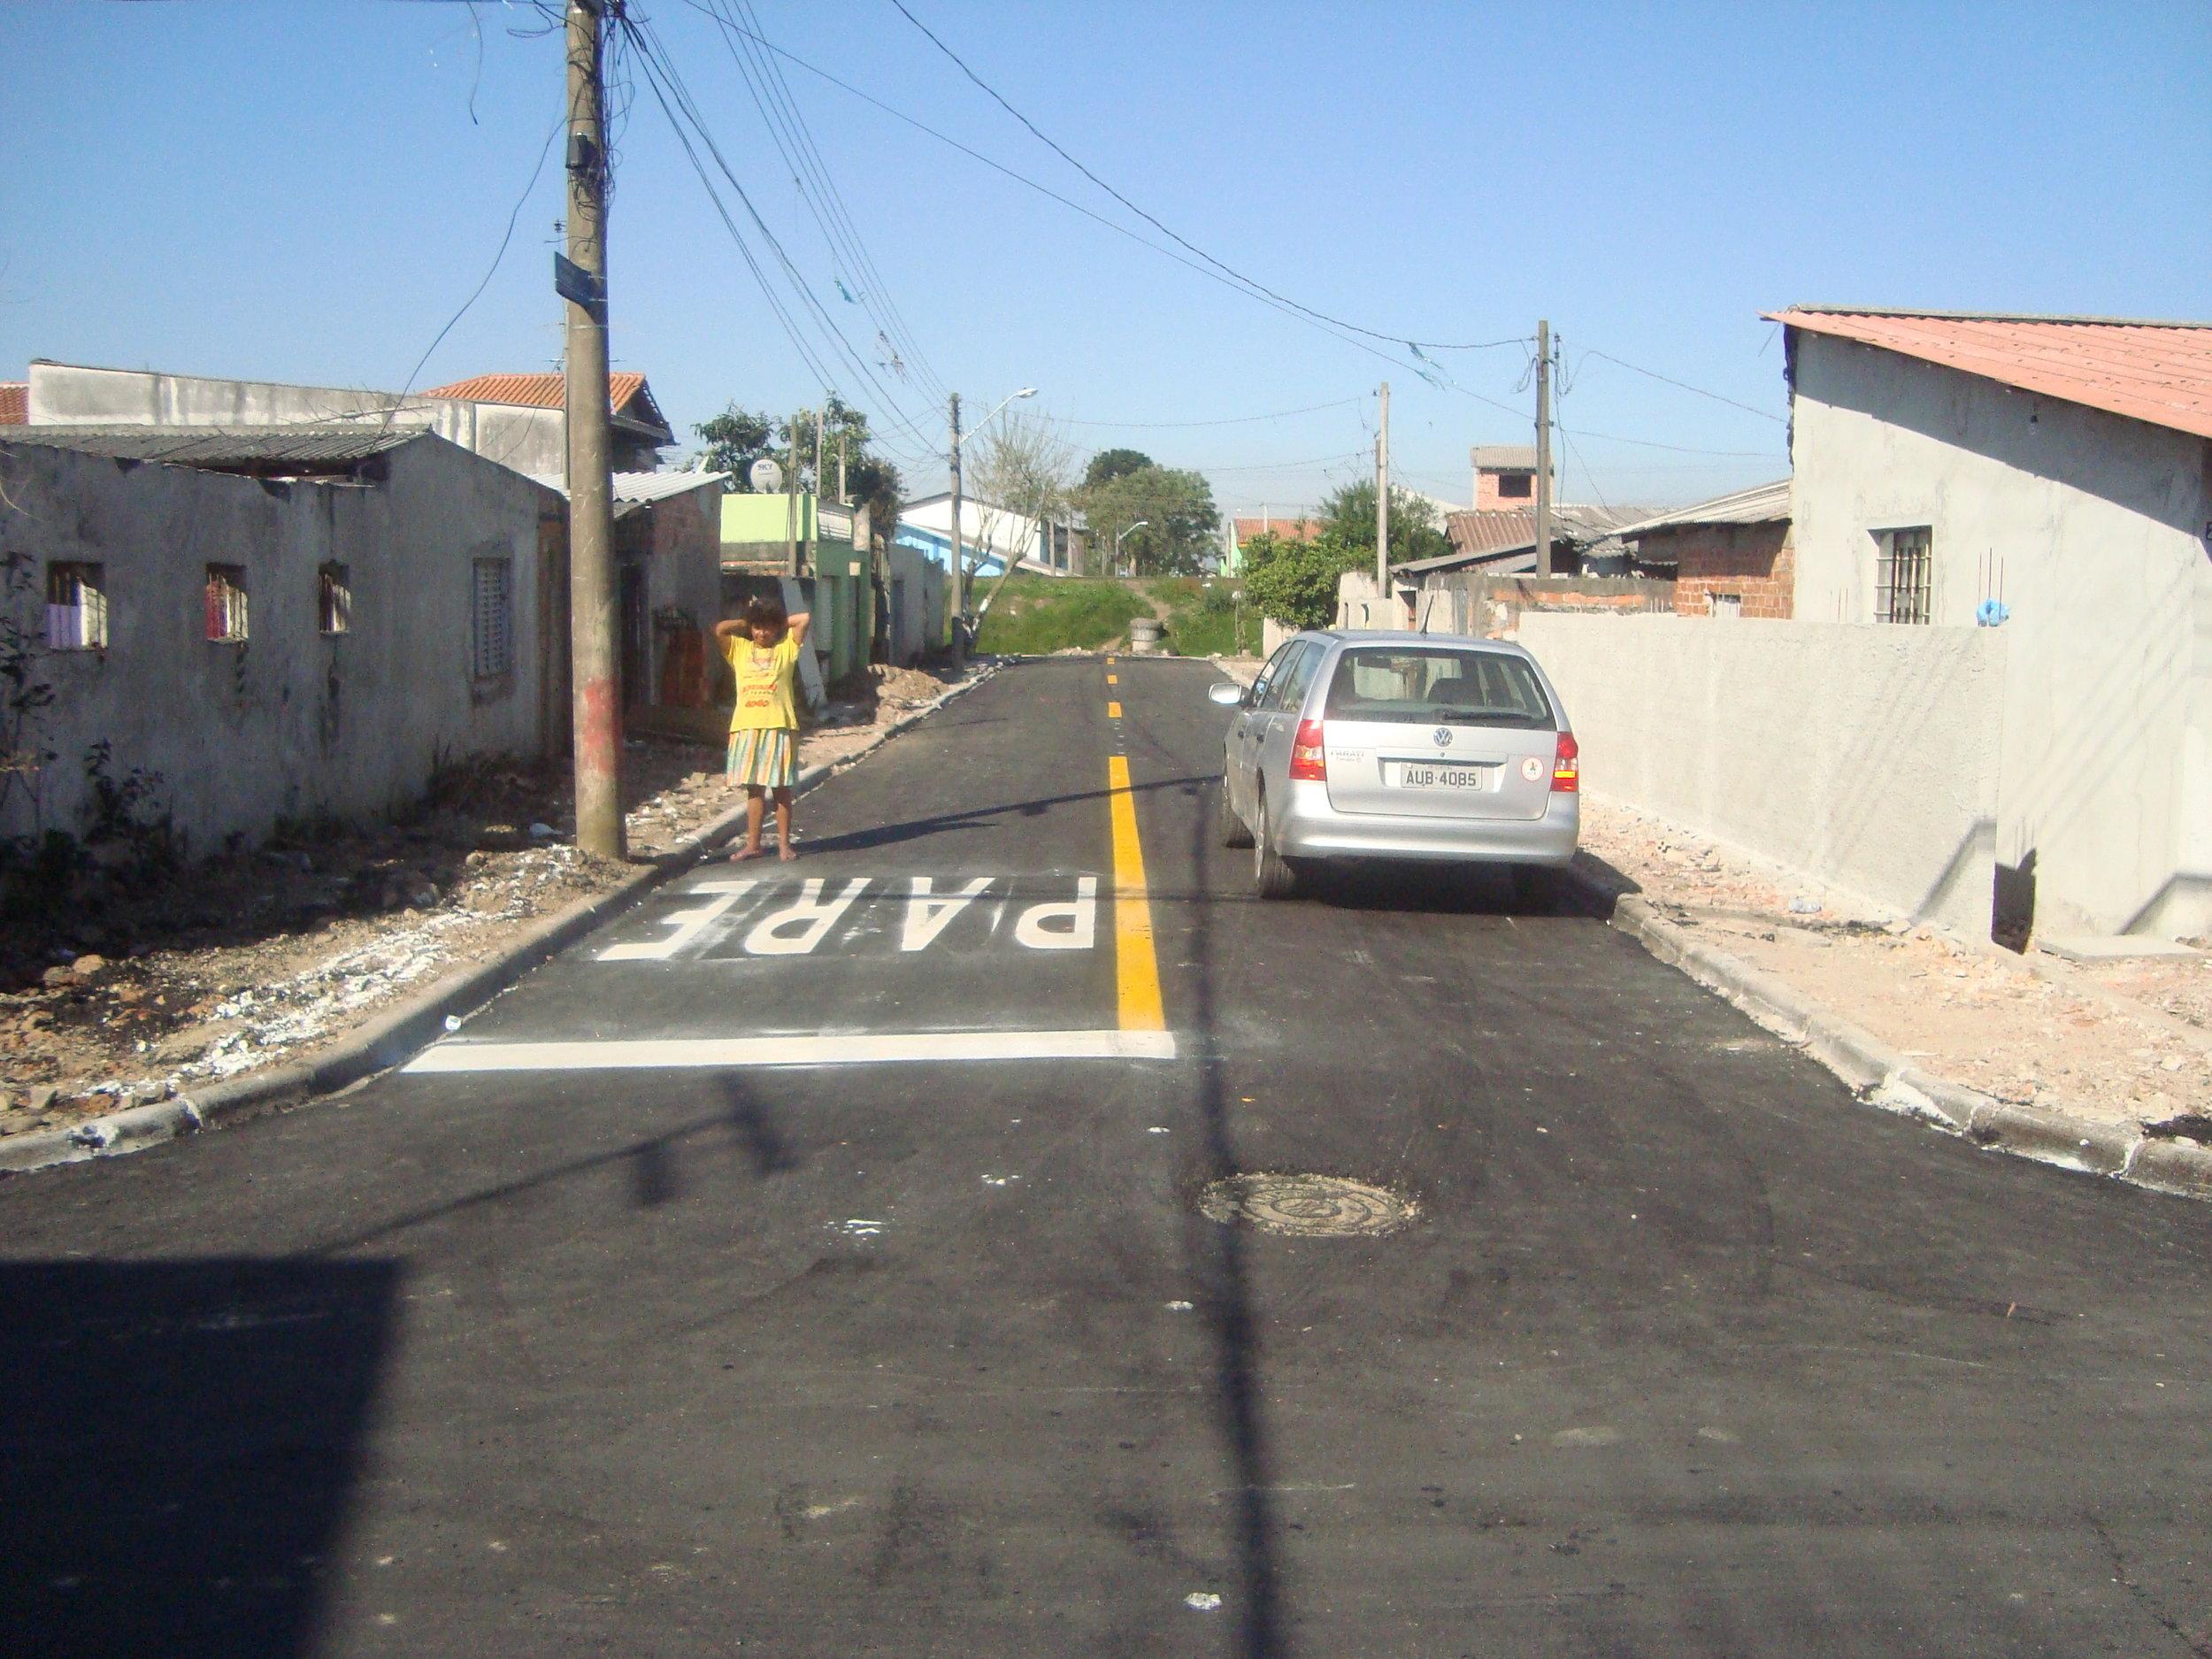 Rua Gov. Algacir Guimarães, São Domingos - DEPOIS